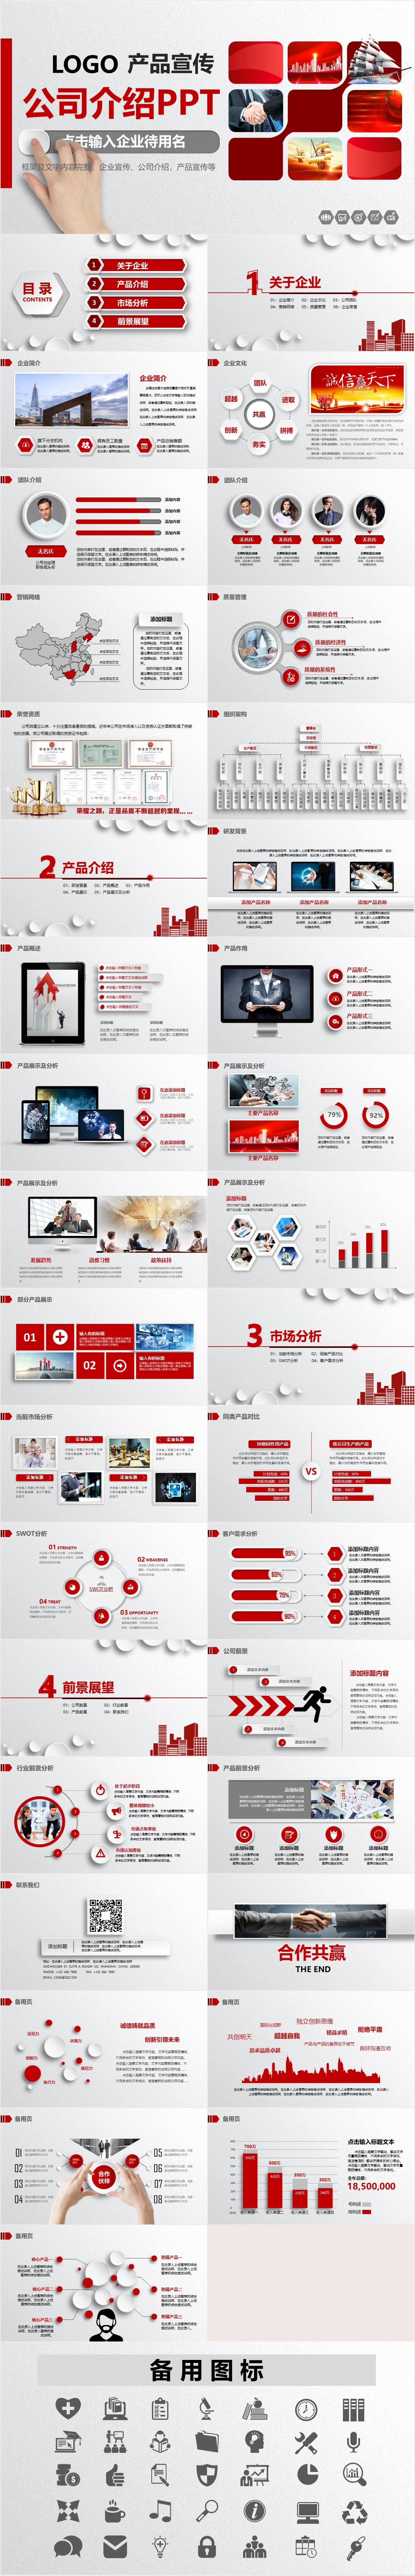 MD0014 企业宣传介绍PPT模板